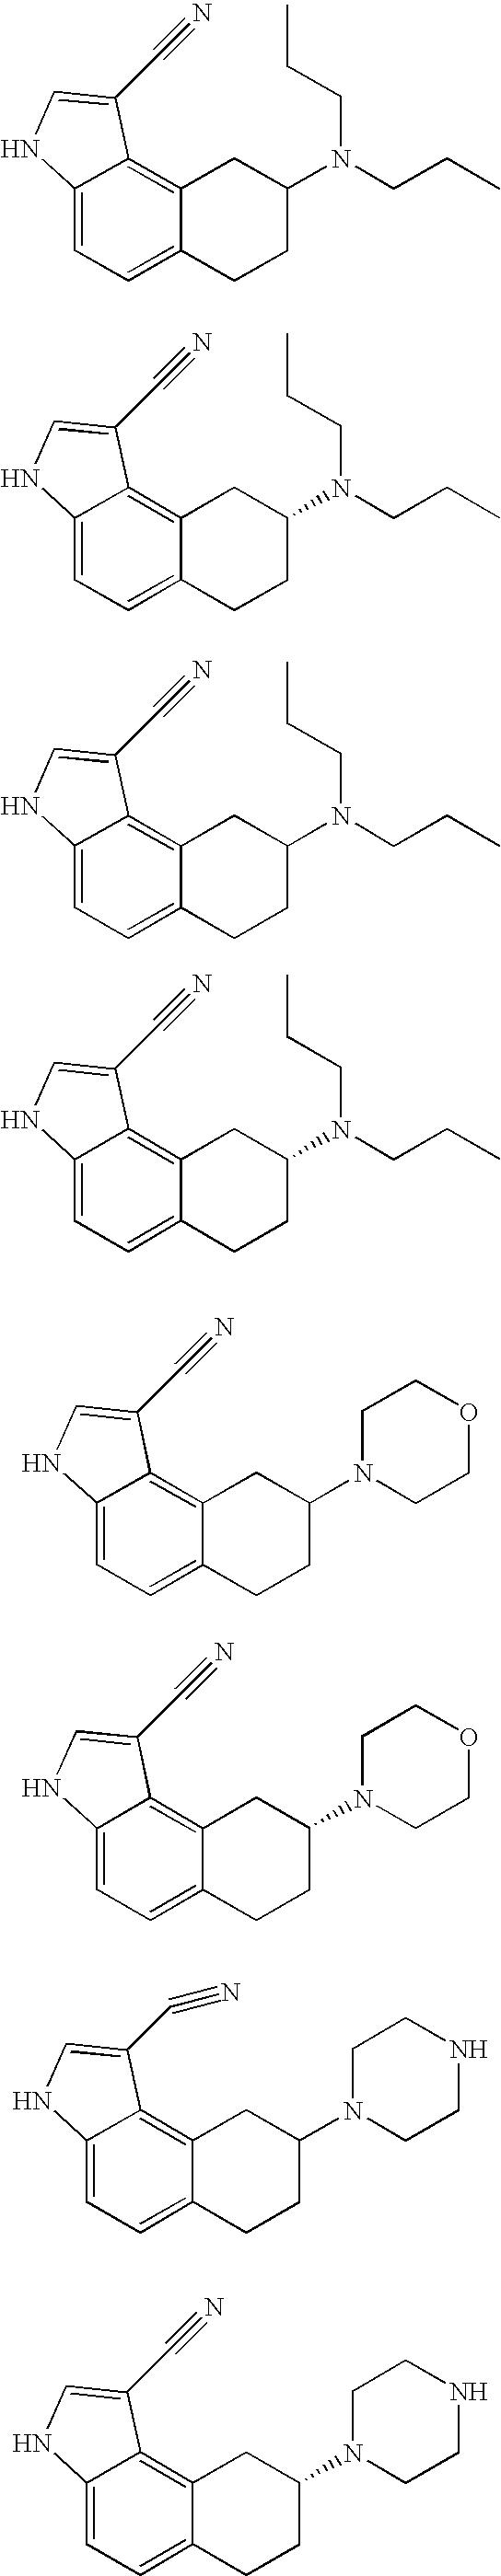 Figure US20100009983A1-20100114-C00244